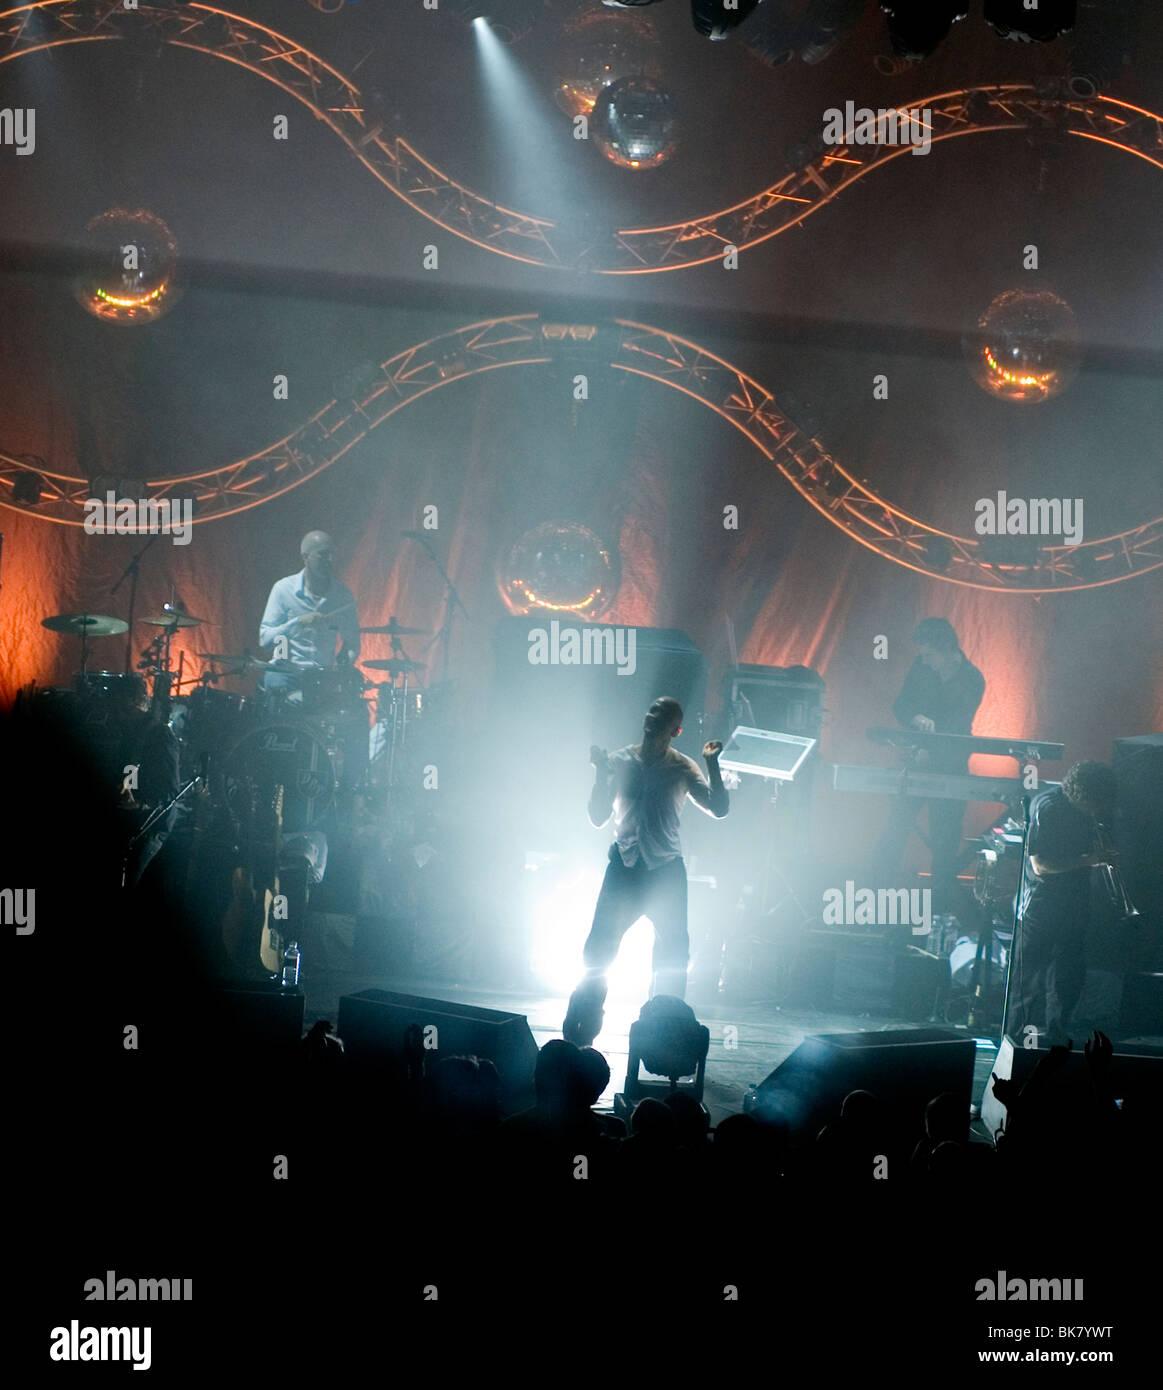 La banda JAMES ( sentarse, ella es una estrella ) después de 5 años de separación vuelven a viajar Imagen De Stock